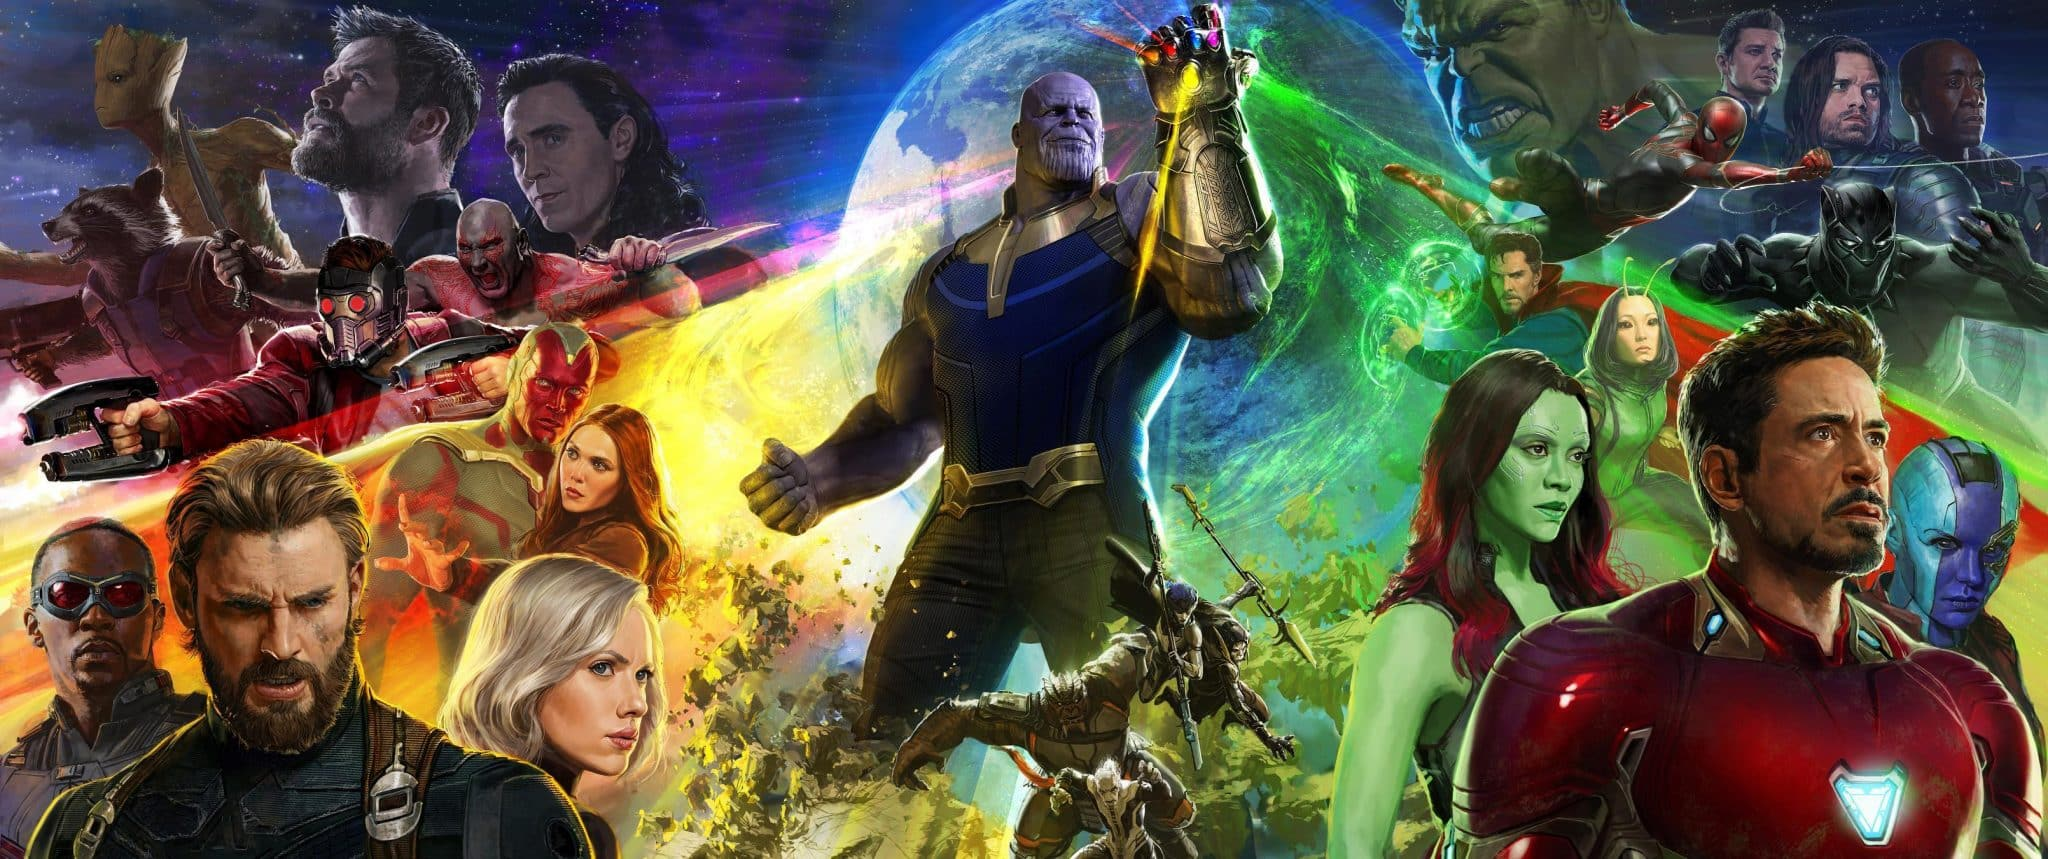 Obrovský plagát na zatiaľ najväčší film od štúdia Marvel, Avengers: Infinity War